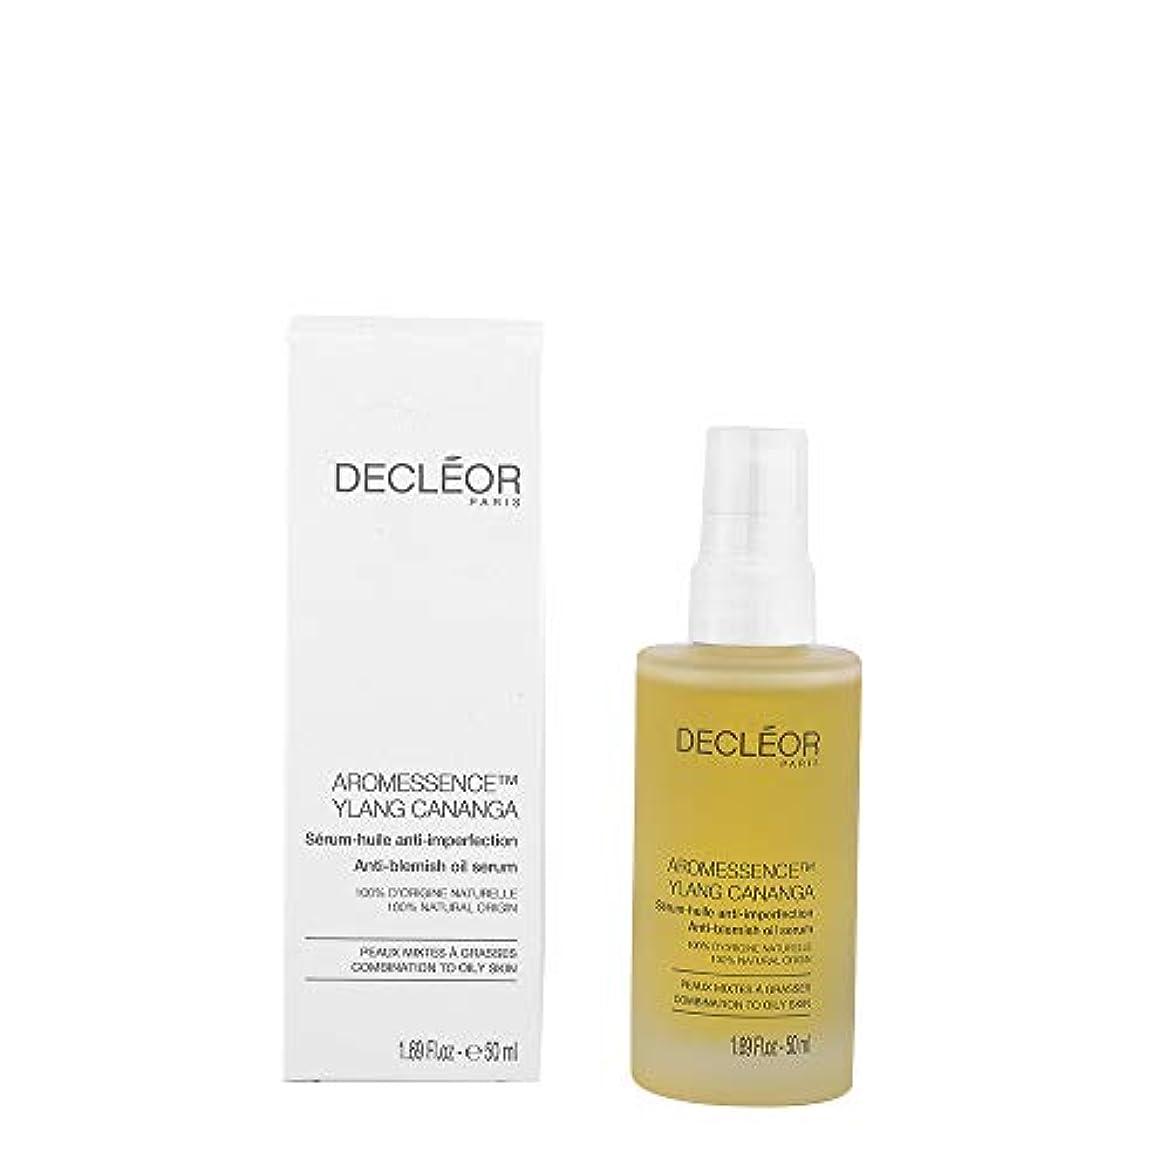 浸食嫌悪パンフレットデクレオール Aromessence Ylang Cananga Anti-Blemish Oil Serum - For Combination to Oily Skin (Salon Size) 50ml/1.69oz...